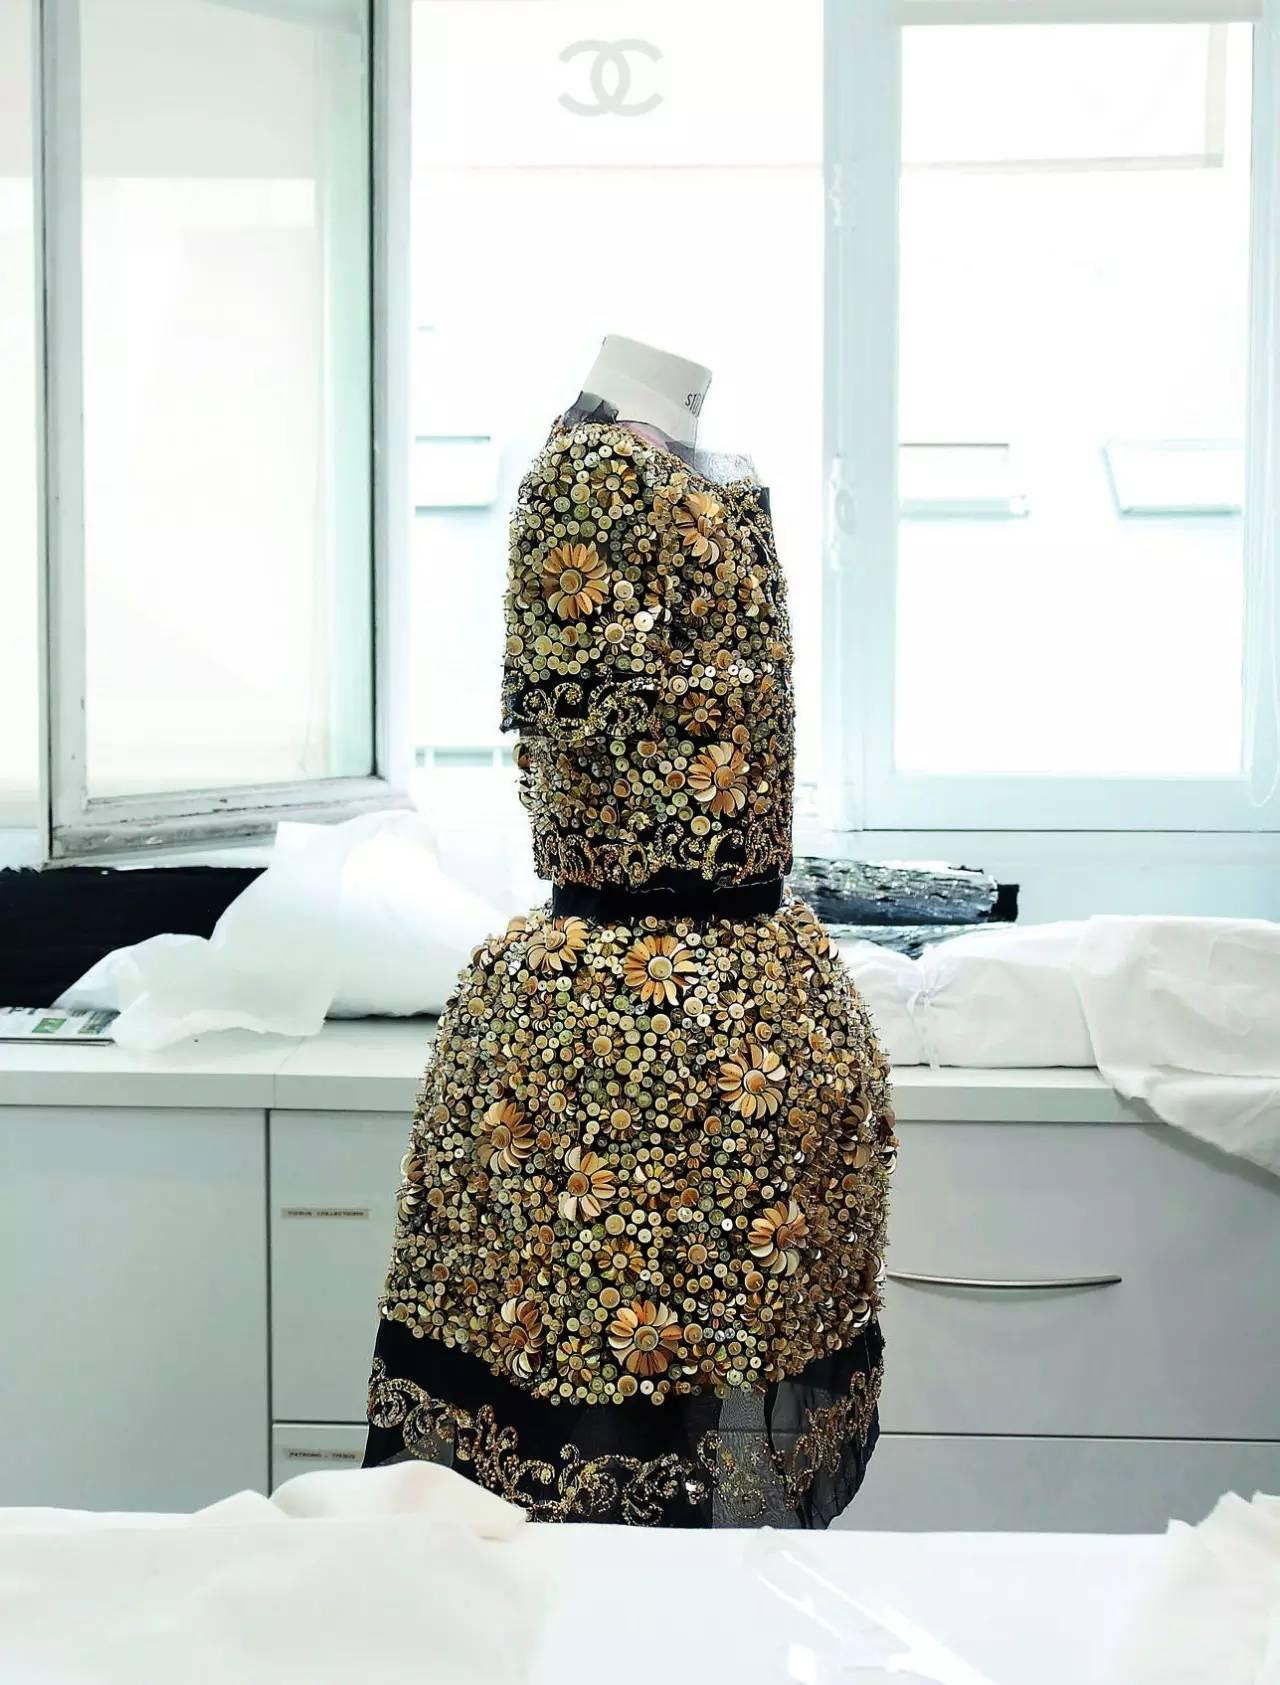 时尚 | 华服背后:揭秘CHANEL高级定制